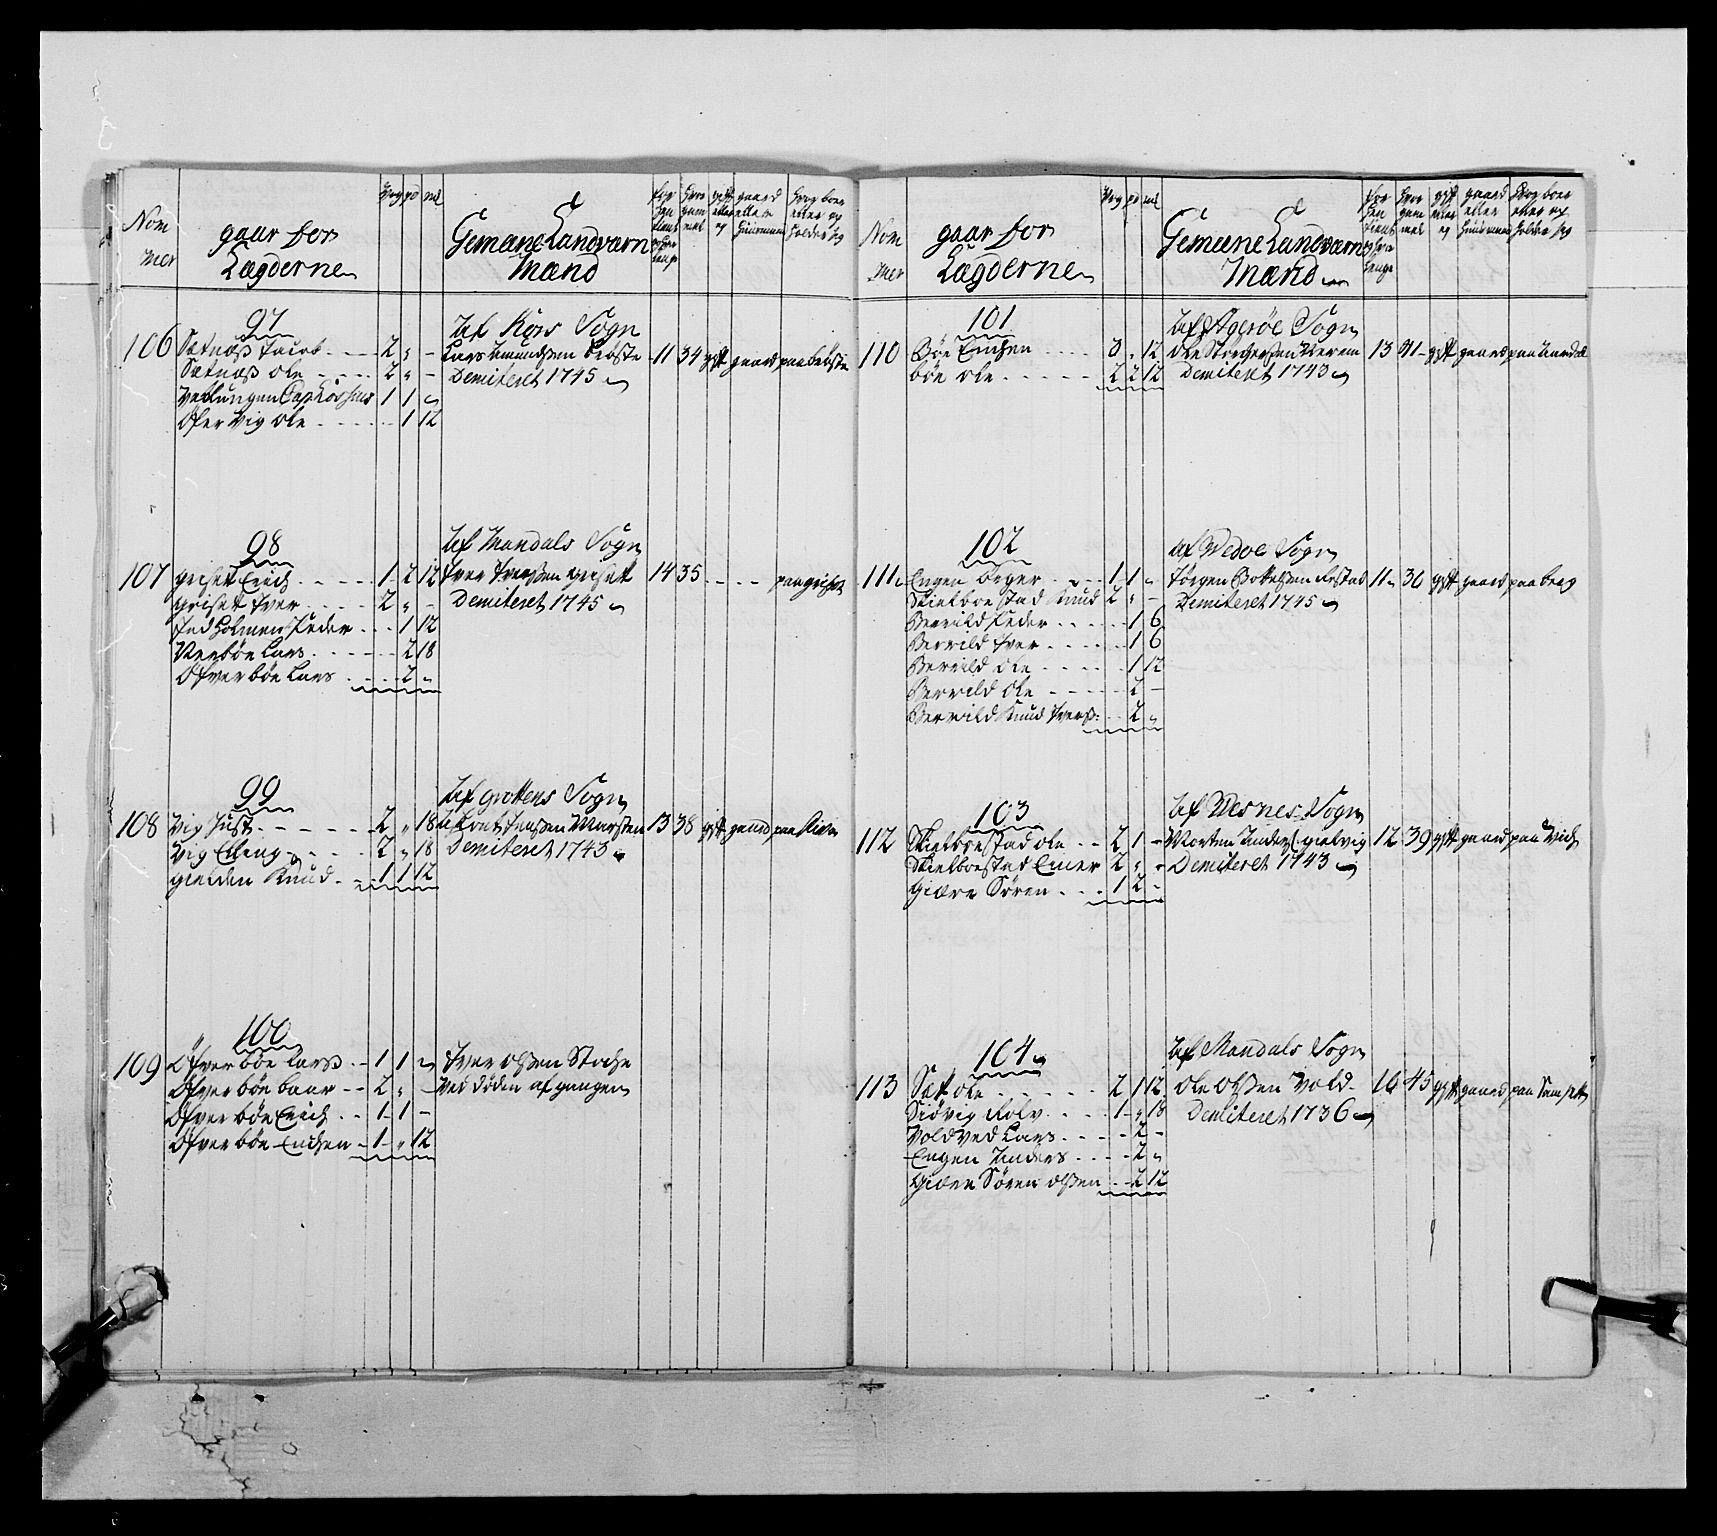 RA, Kommanderende general (KG I) med Det norske krigsdirektorium, E/Ea/L0512: 2. Trondheimske regiment, 1746-1749, s. 213